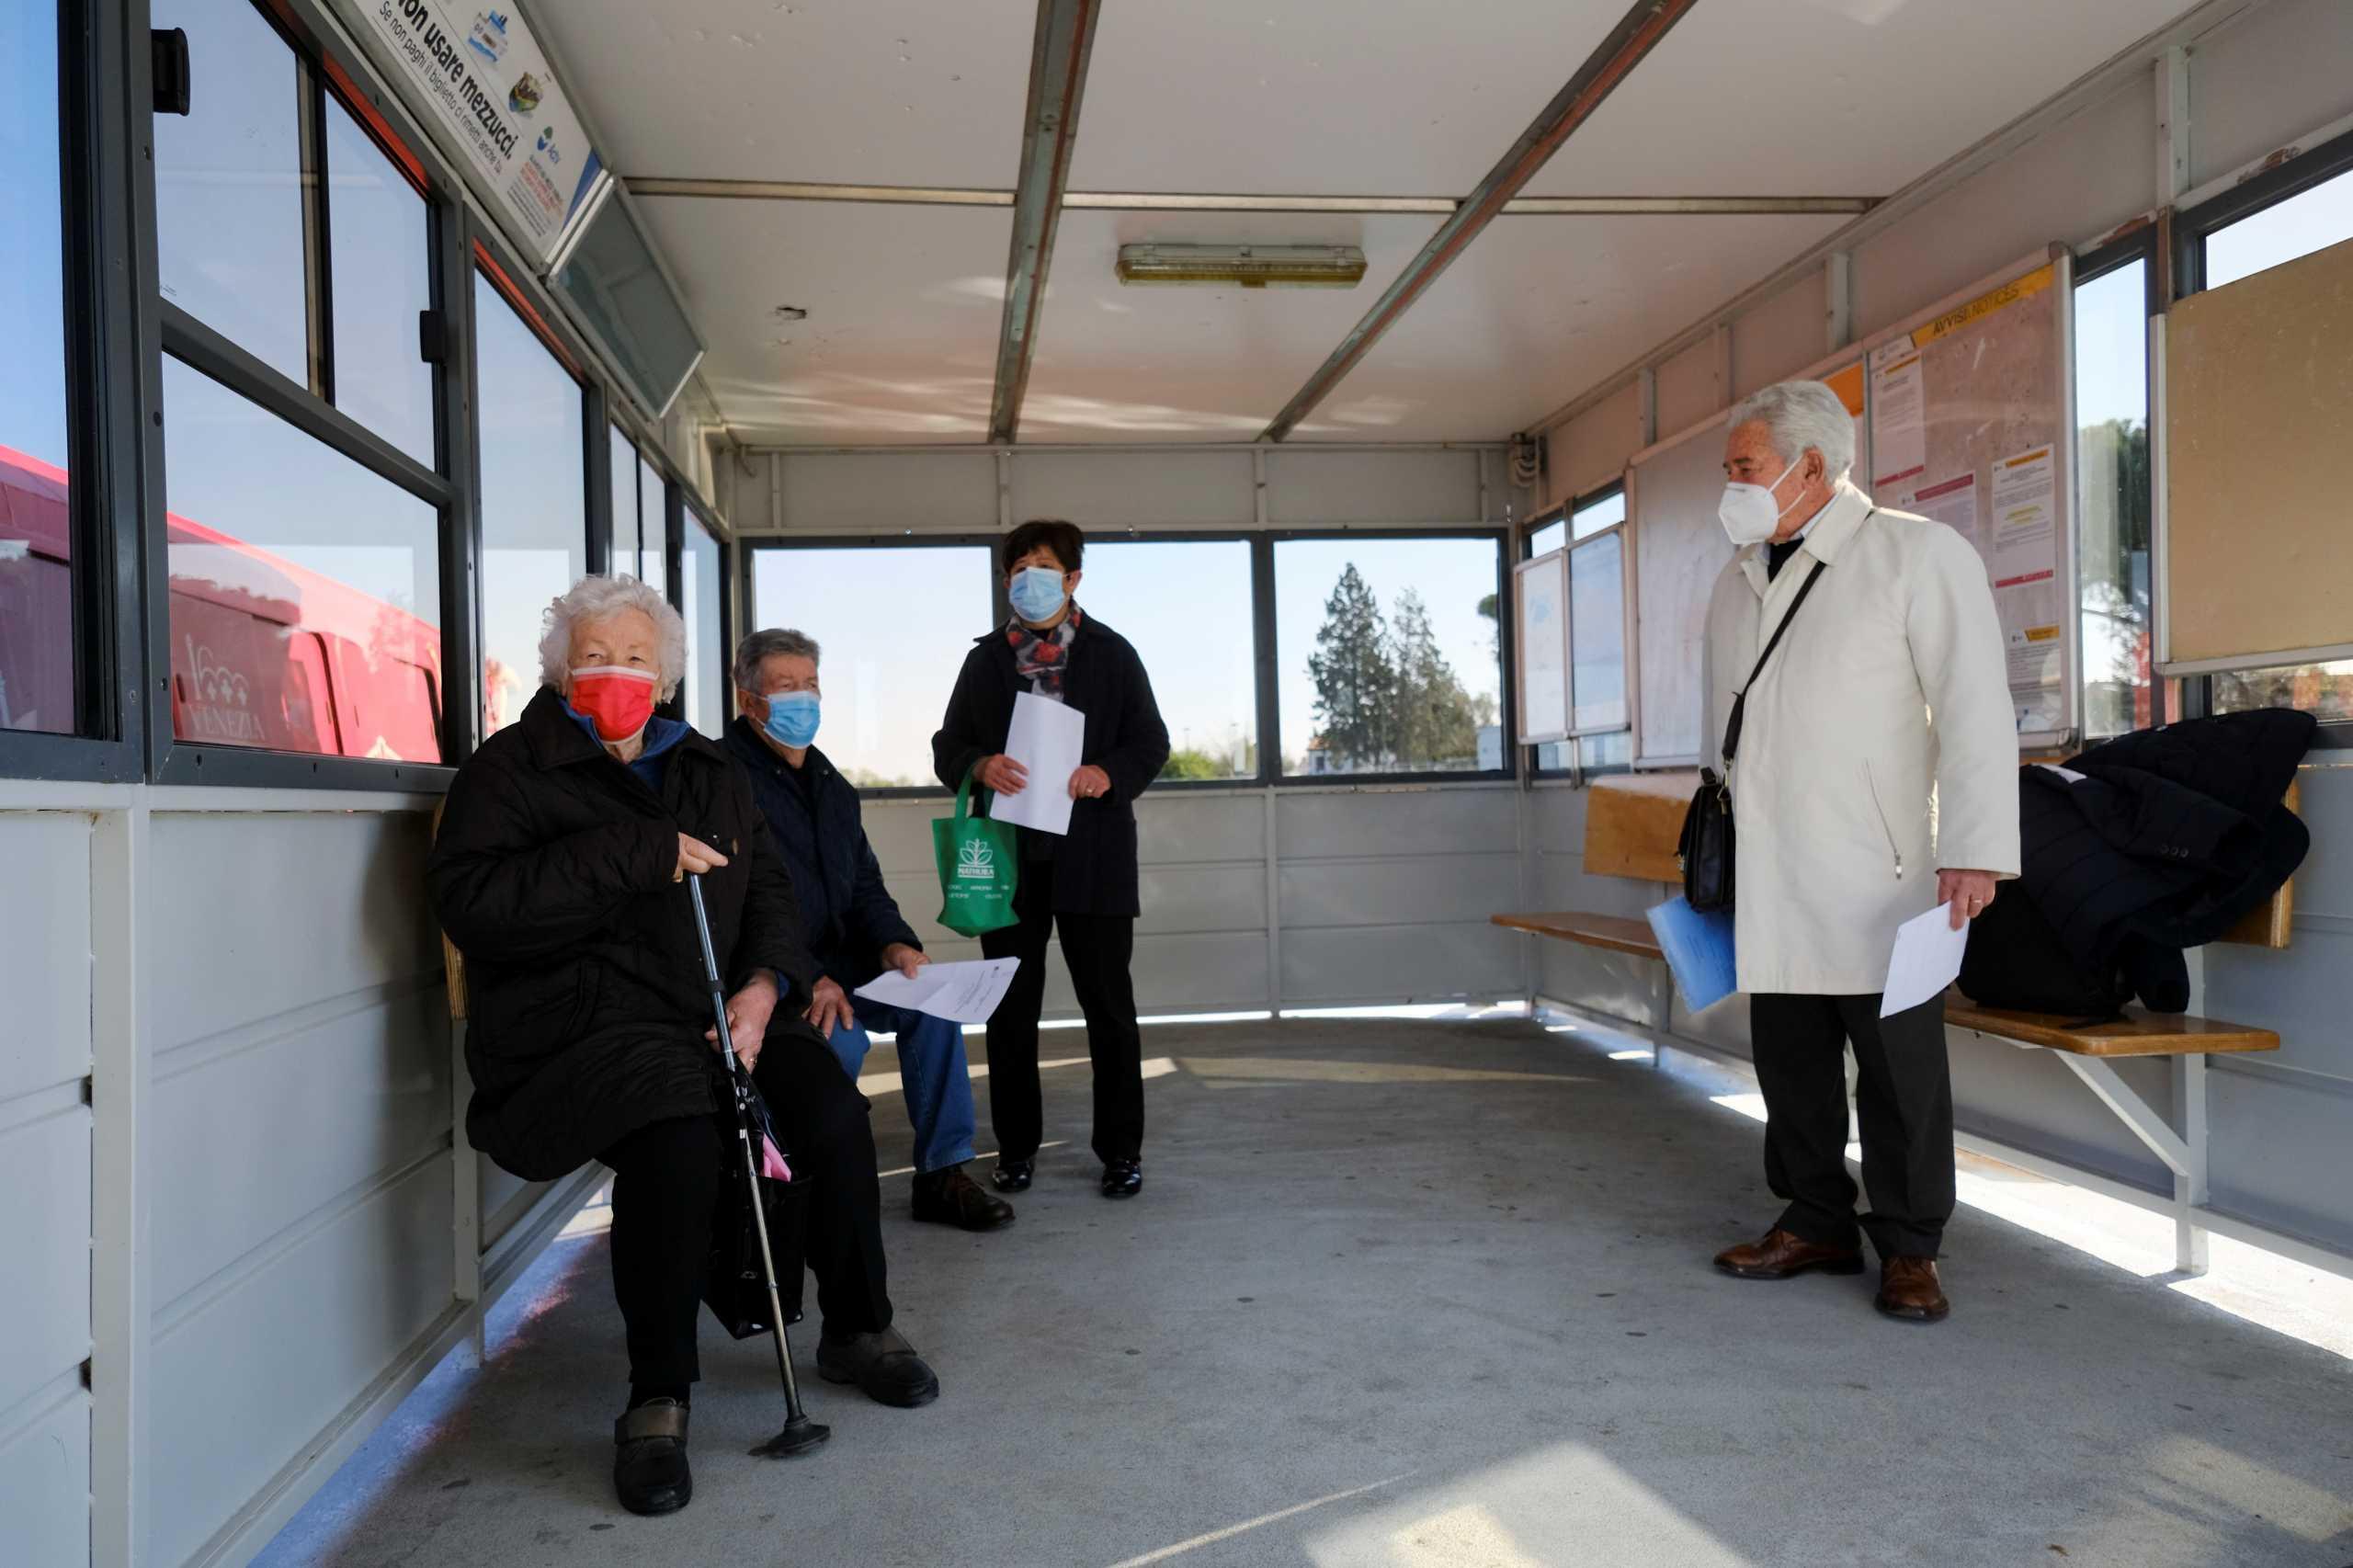 Ιταλία: Απογοητευτικά τα στοιχεία για την πορεία των εμβολιασμών – Η έκκληση του Μάριο Ντράγκι